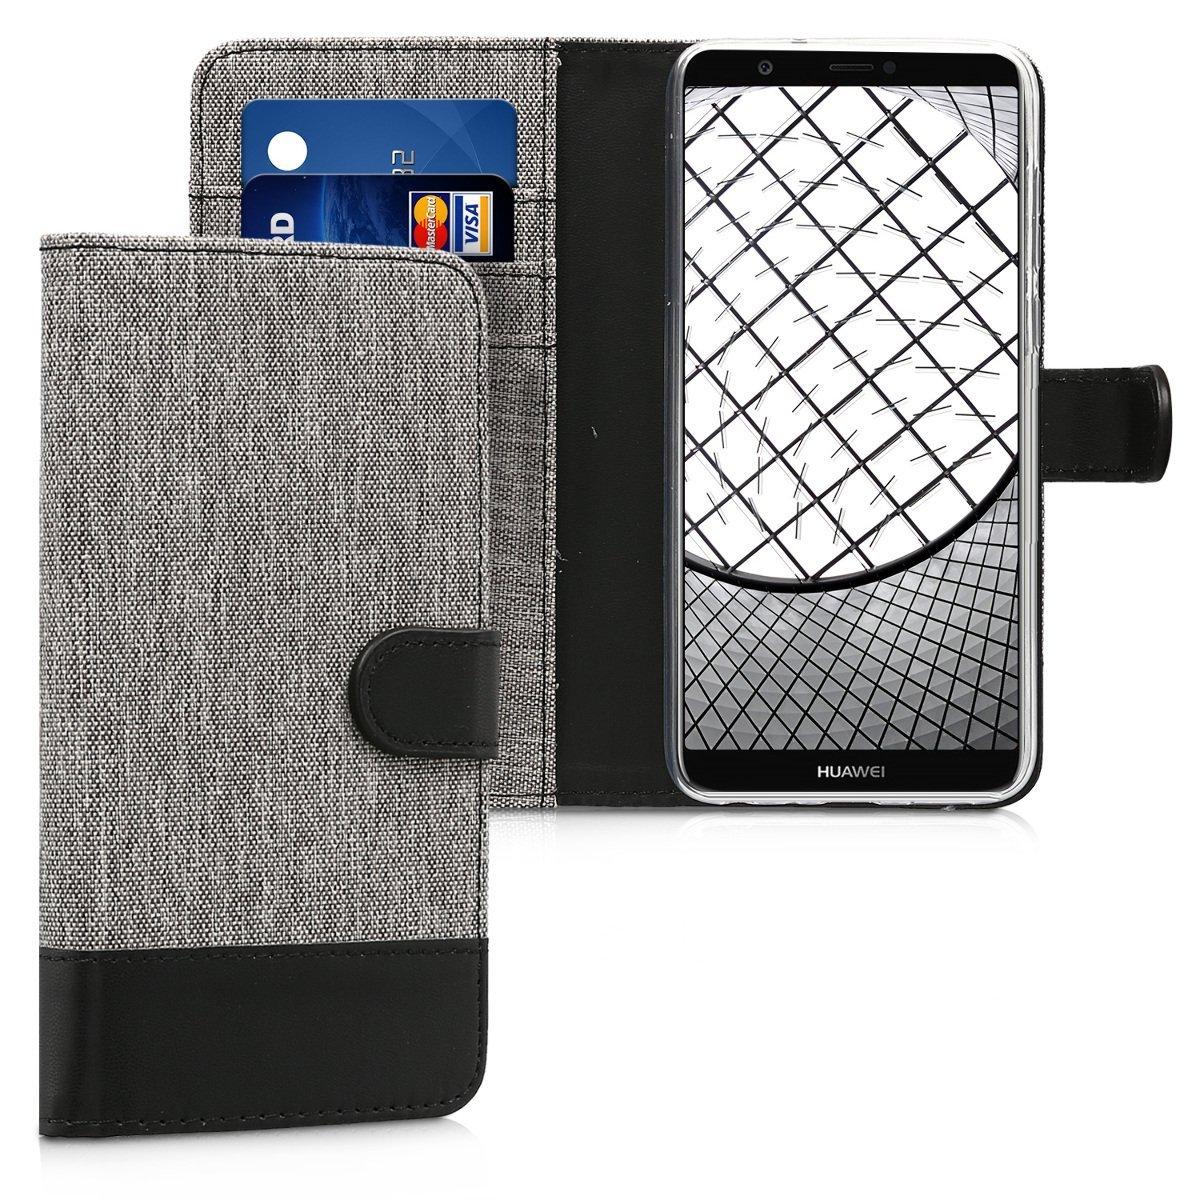 KW Θήκη - Πορτοφόλι Huawei P Smart 2018 - Grey / Black Canvas (44127.01)